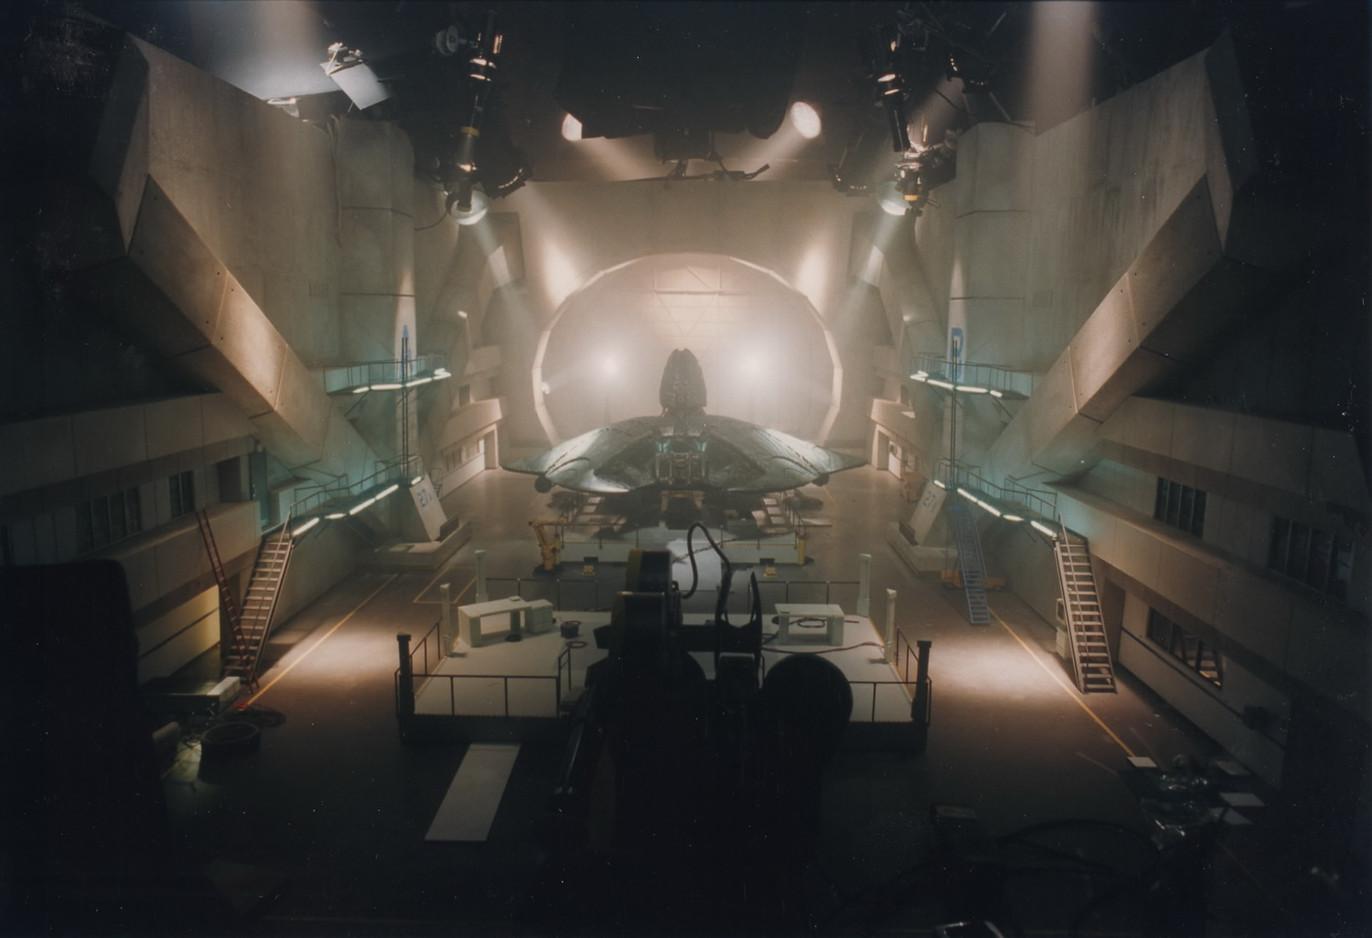 Miniature of Area 51 hangar